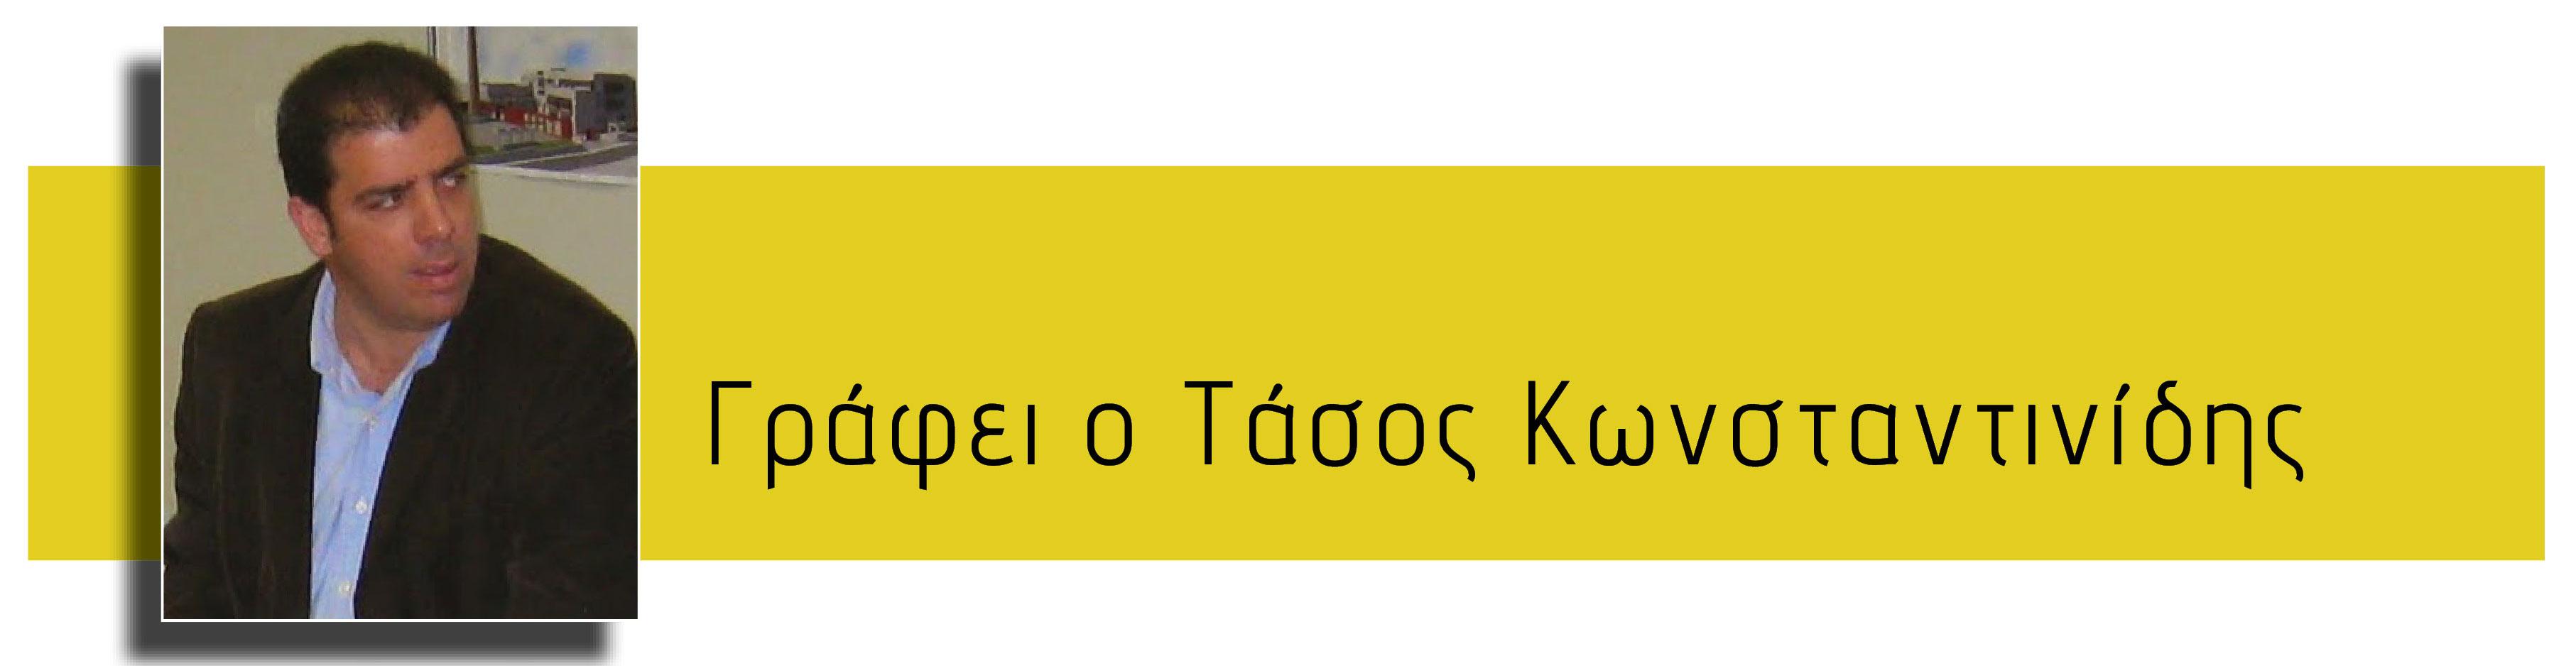 γράφει-ο-Τάσος-Κωνσταντινίδης